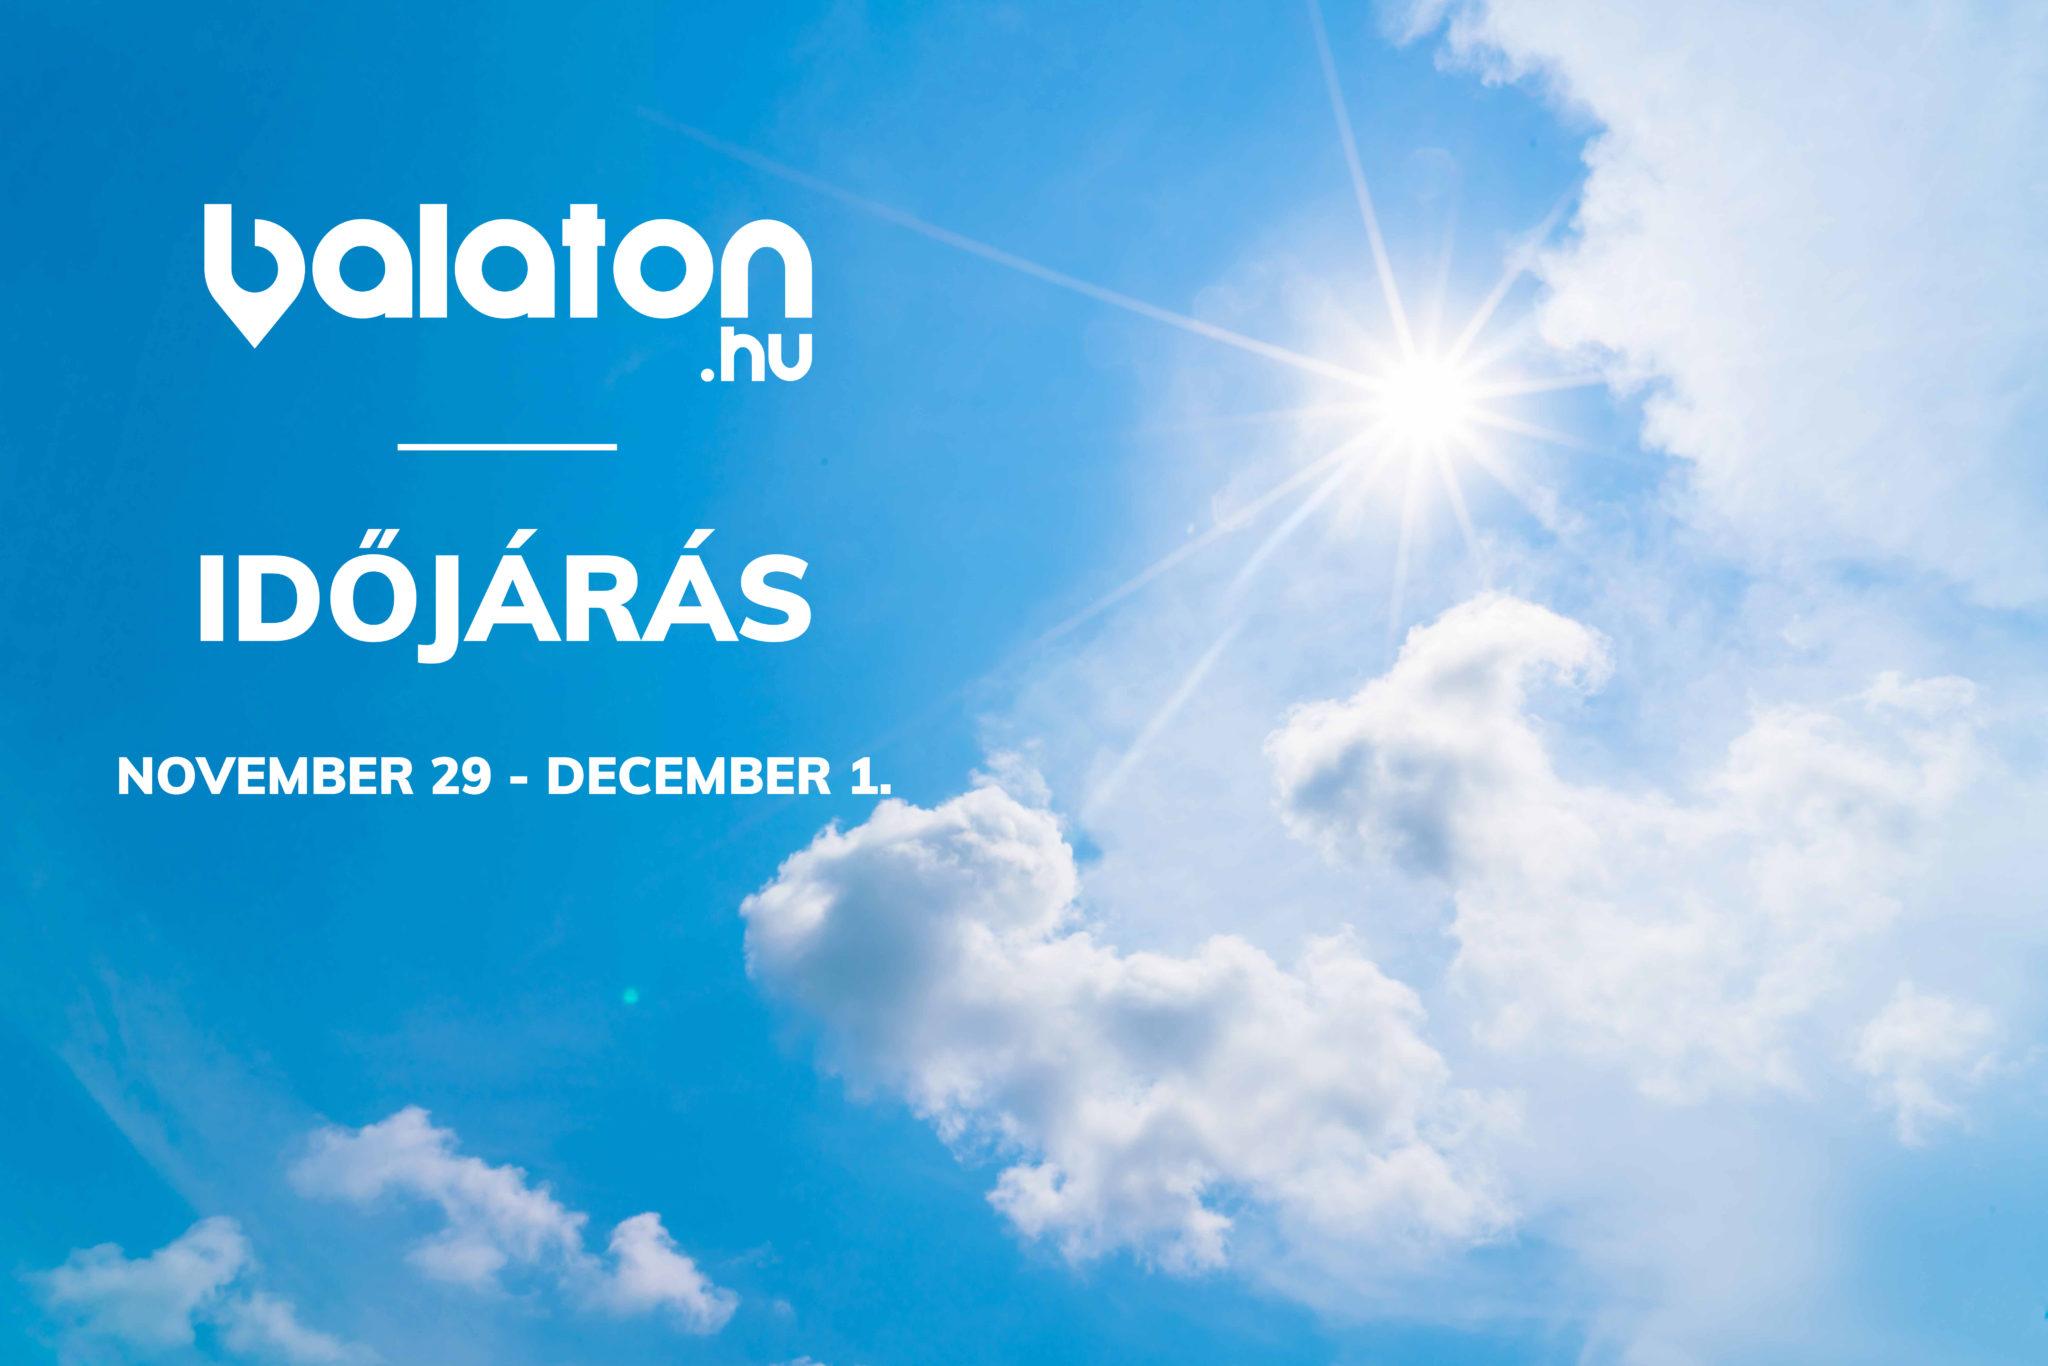 Időjárás a Balatonon – November 29 – December 1.